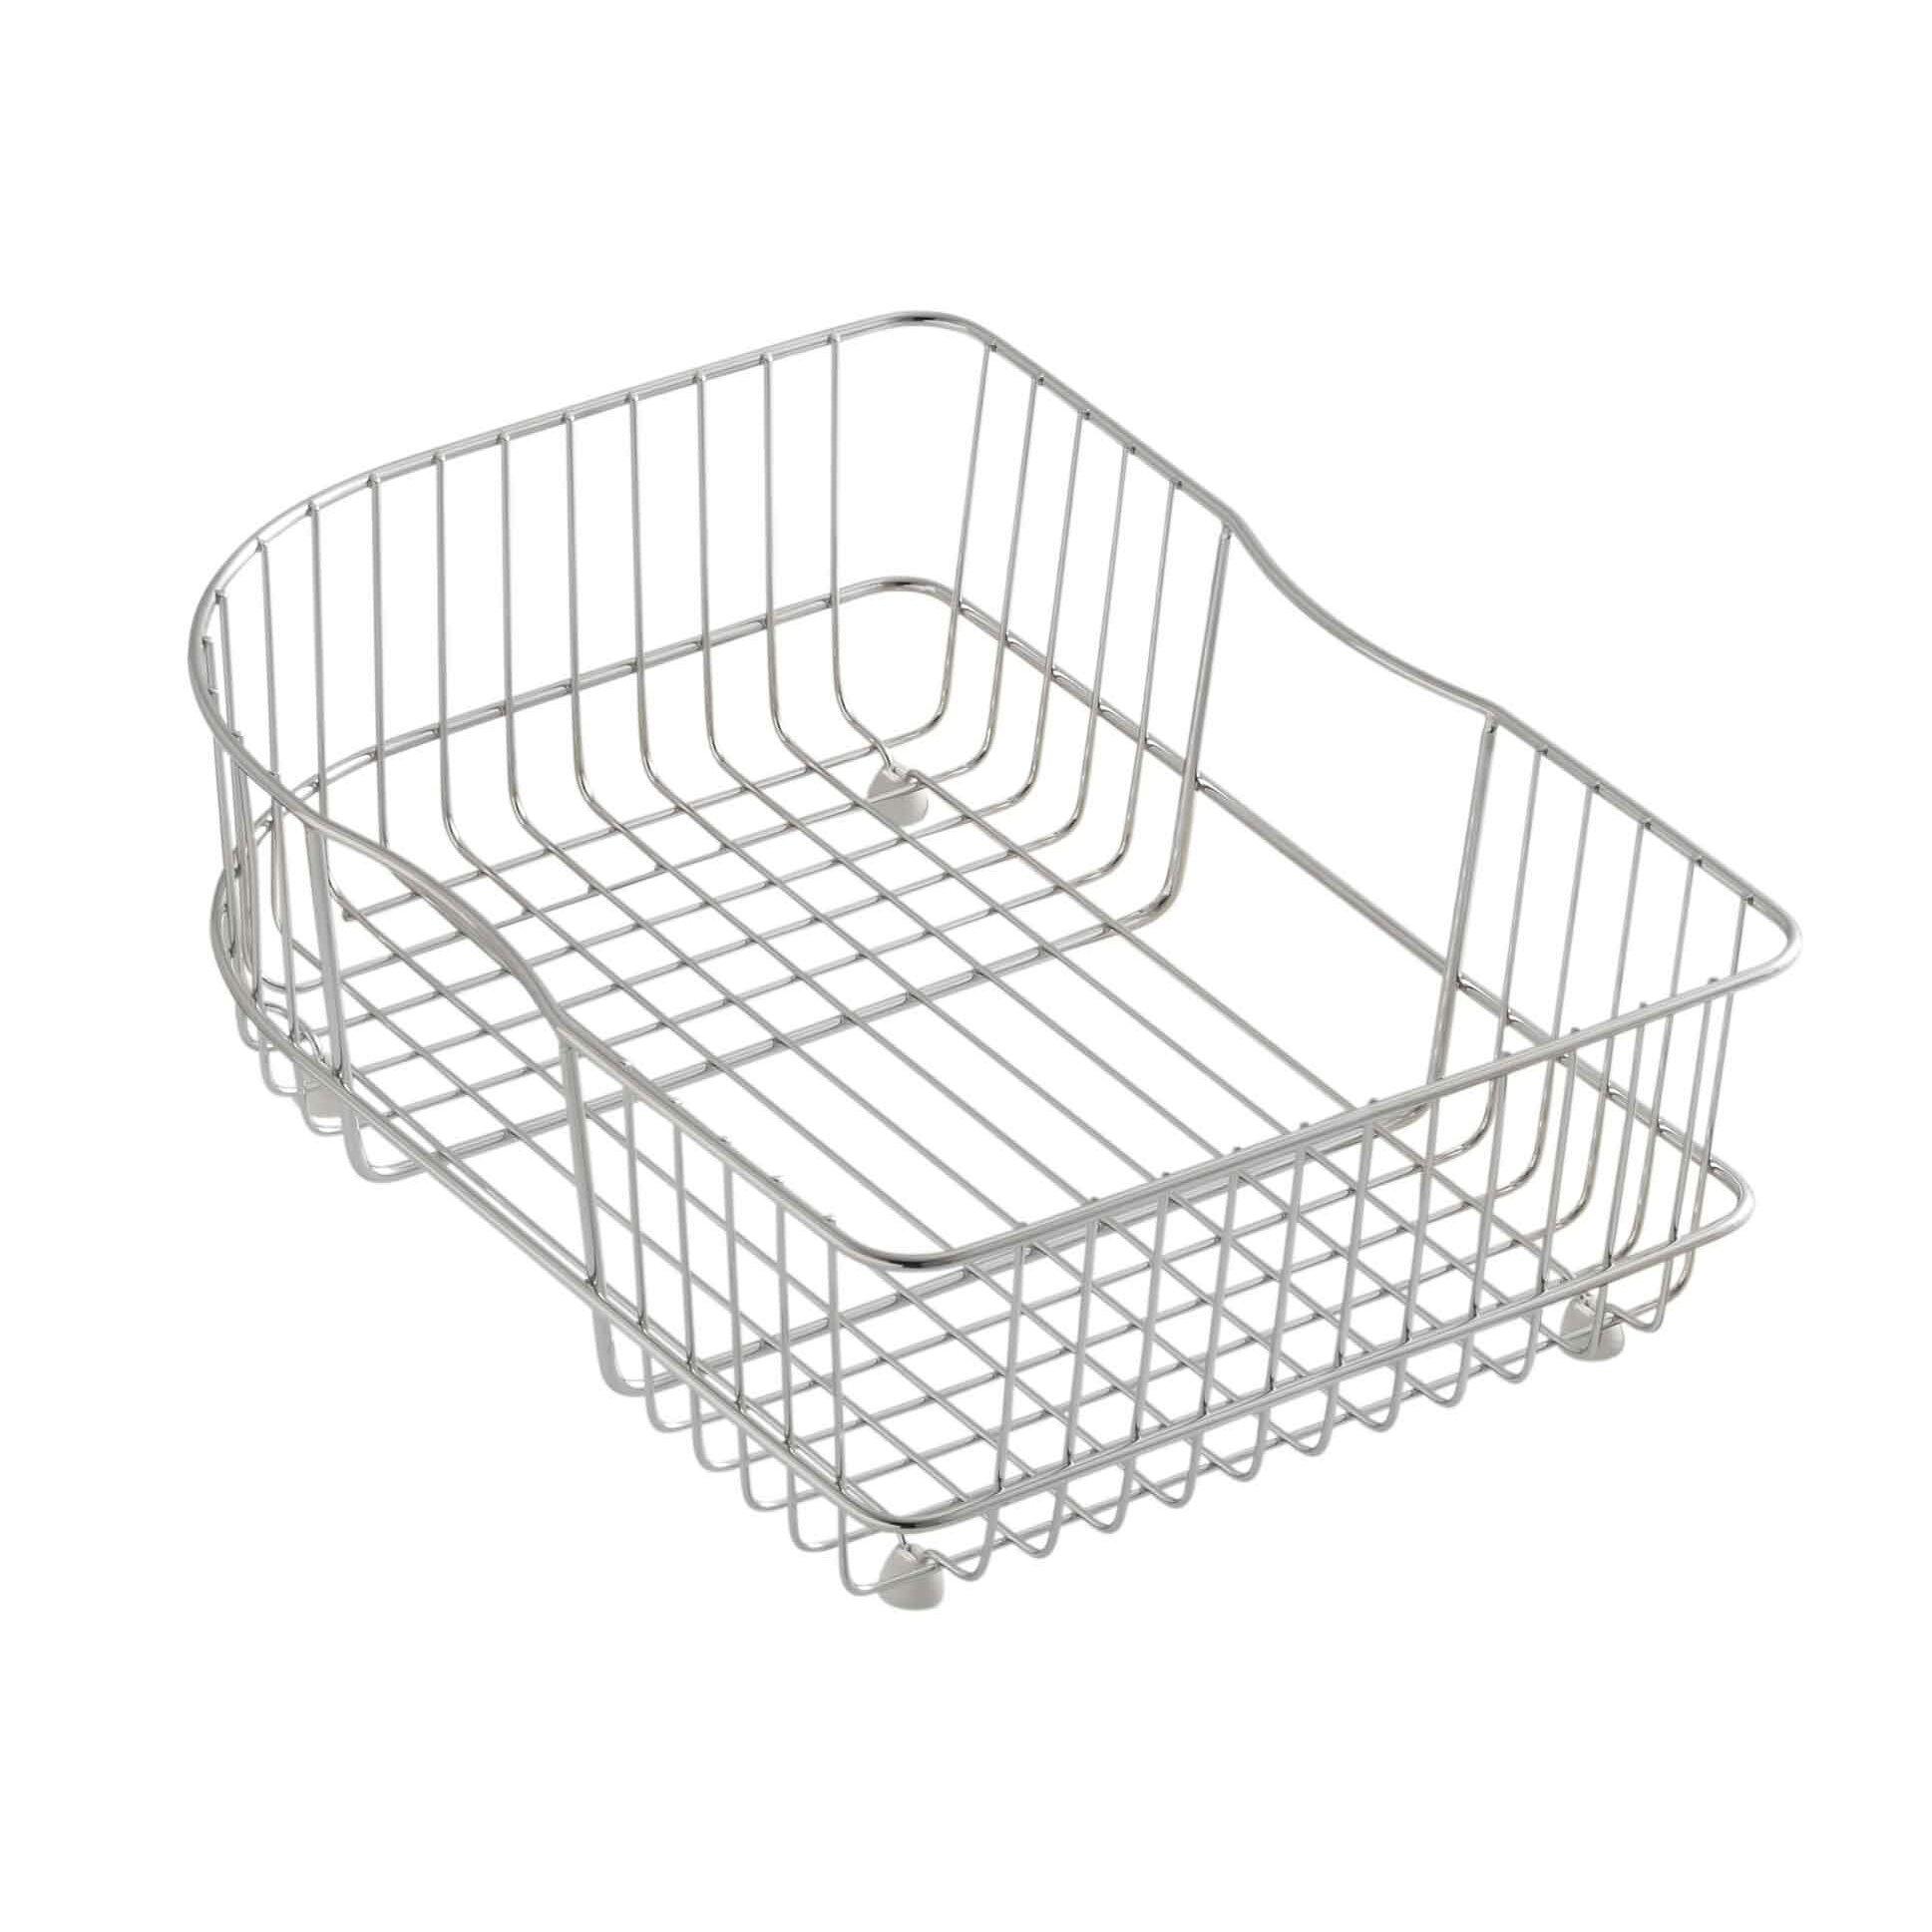 K-6521-ST Kohler Efficiency Sink Basket for Executive Chef and ...